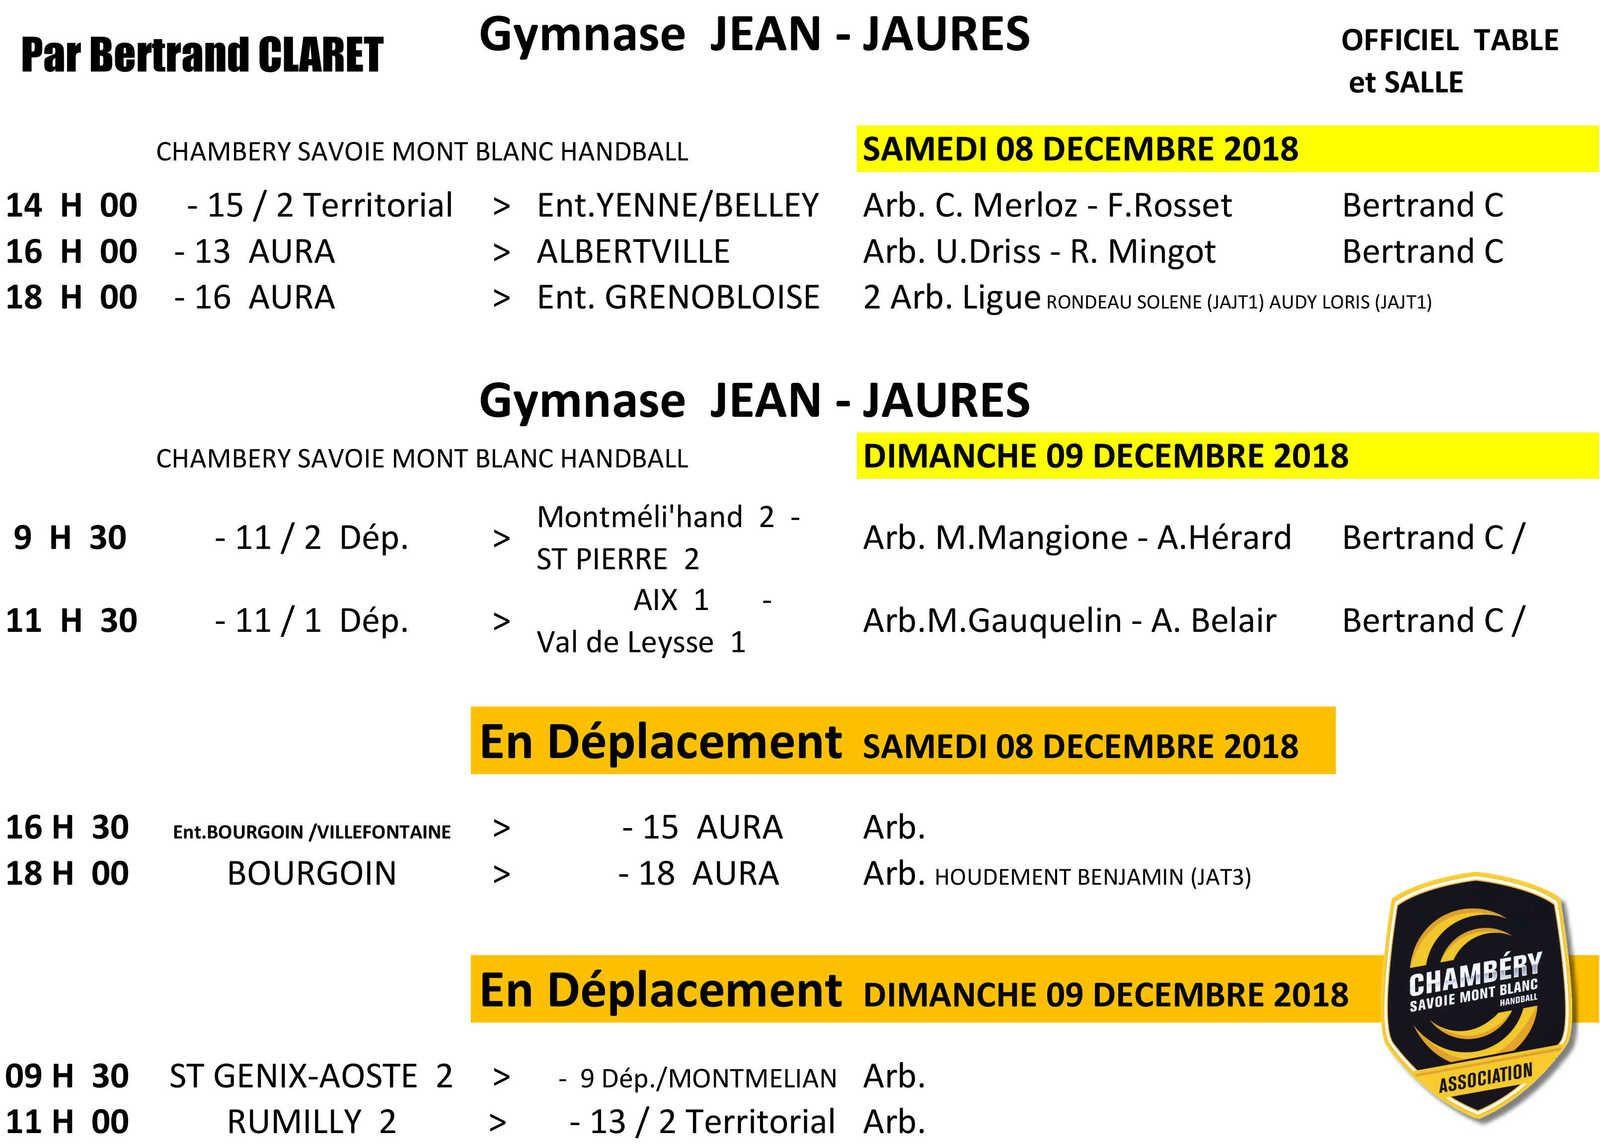 CHAMBERY amateur les rencontres du week-end 8 et 9 décembre 2018 par Bertrand CLARET